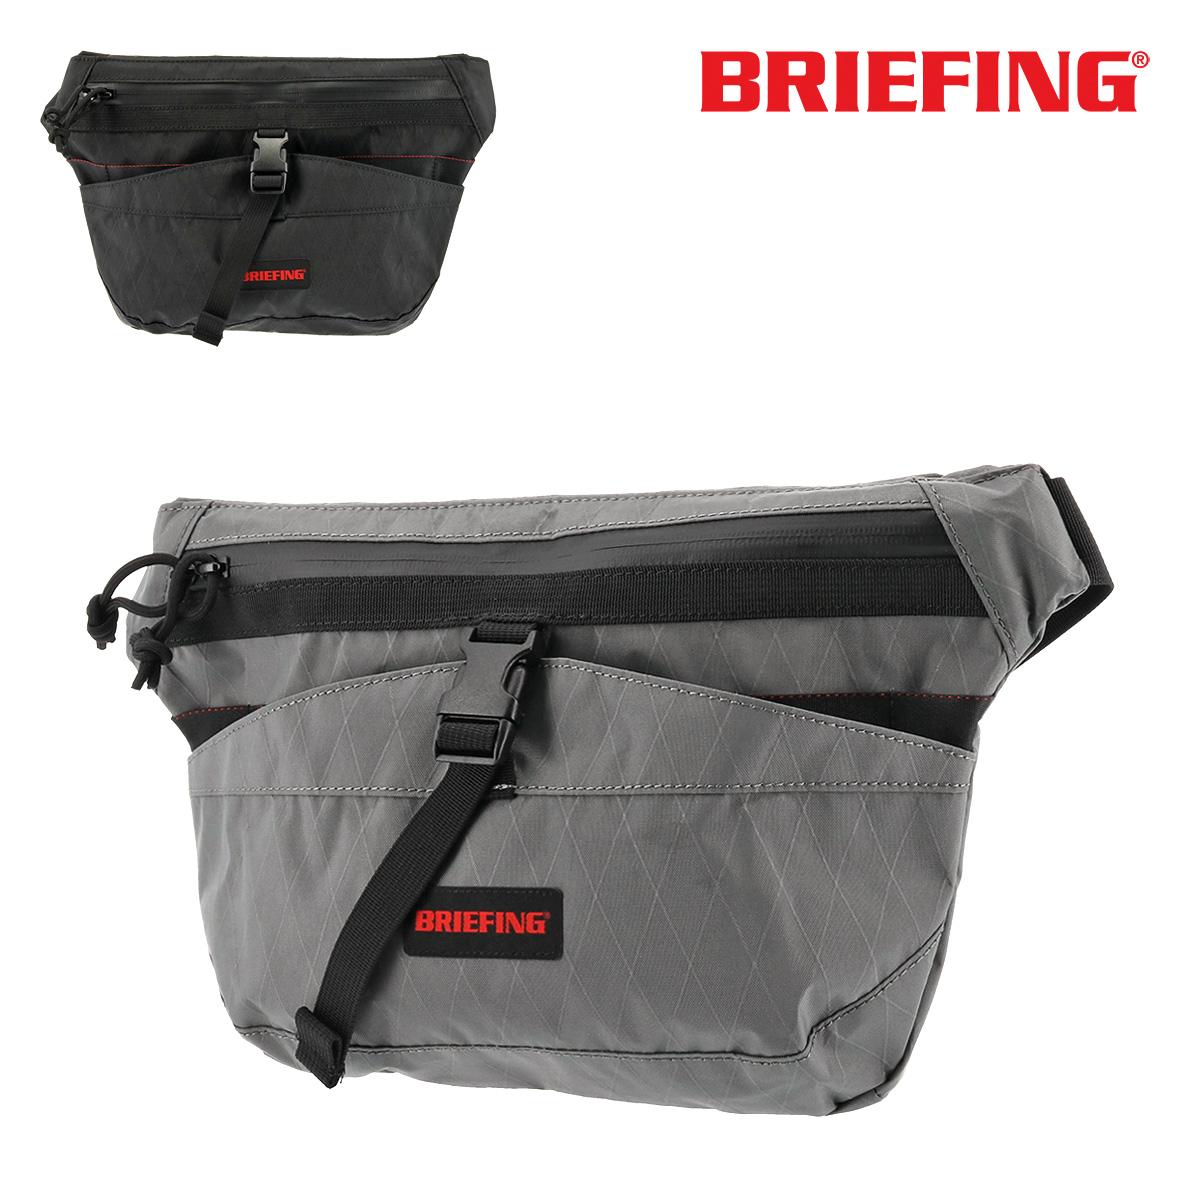 ブリーフィング ショルダーバッグ メンズ トランジションスクウェア XP BRM183211 | BRIEFING 軽量 防水 コンパクト ナイロン[即日発送]【PO10】